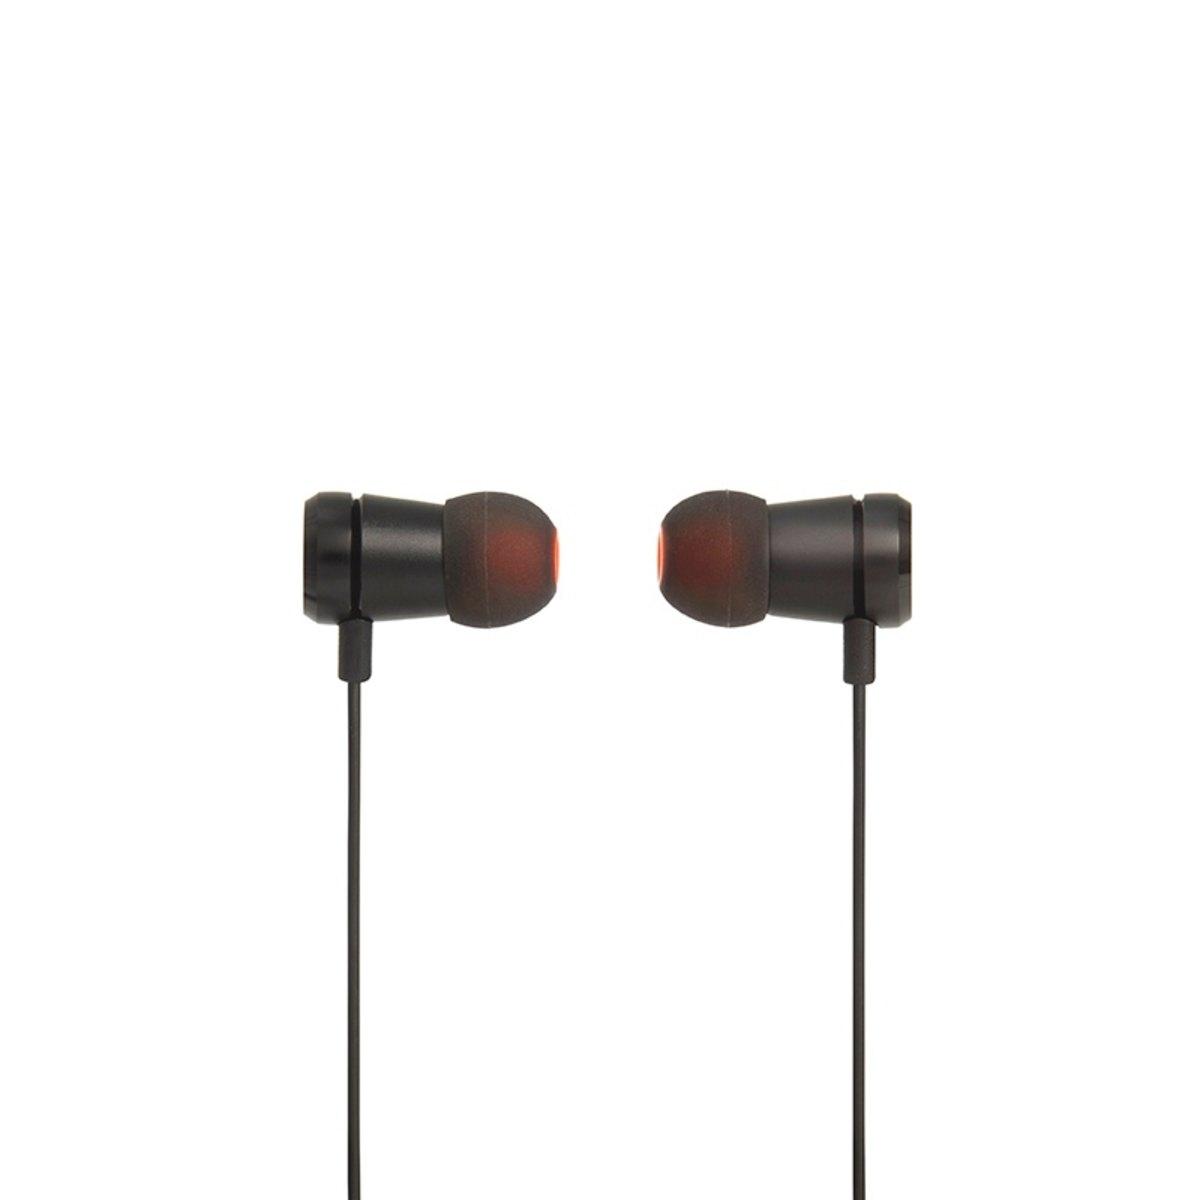 Fone de Ouvido Intra-auricular Com Controle Pure Bass Preto Jbl Jblt290blk